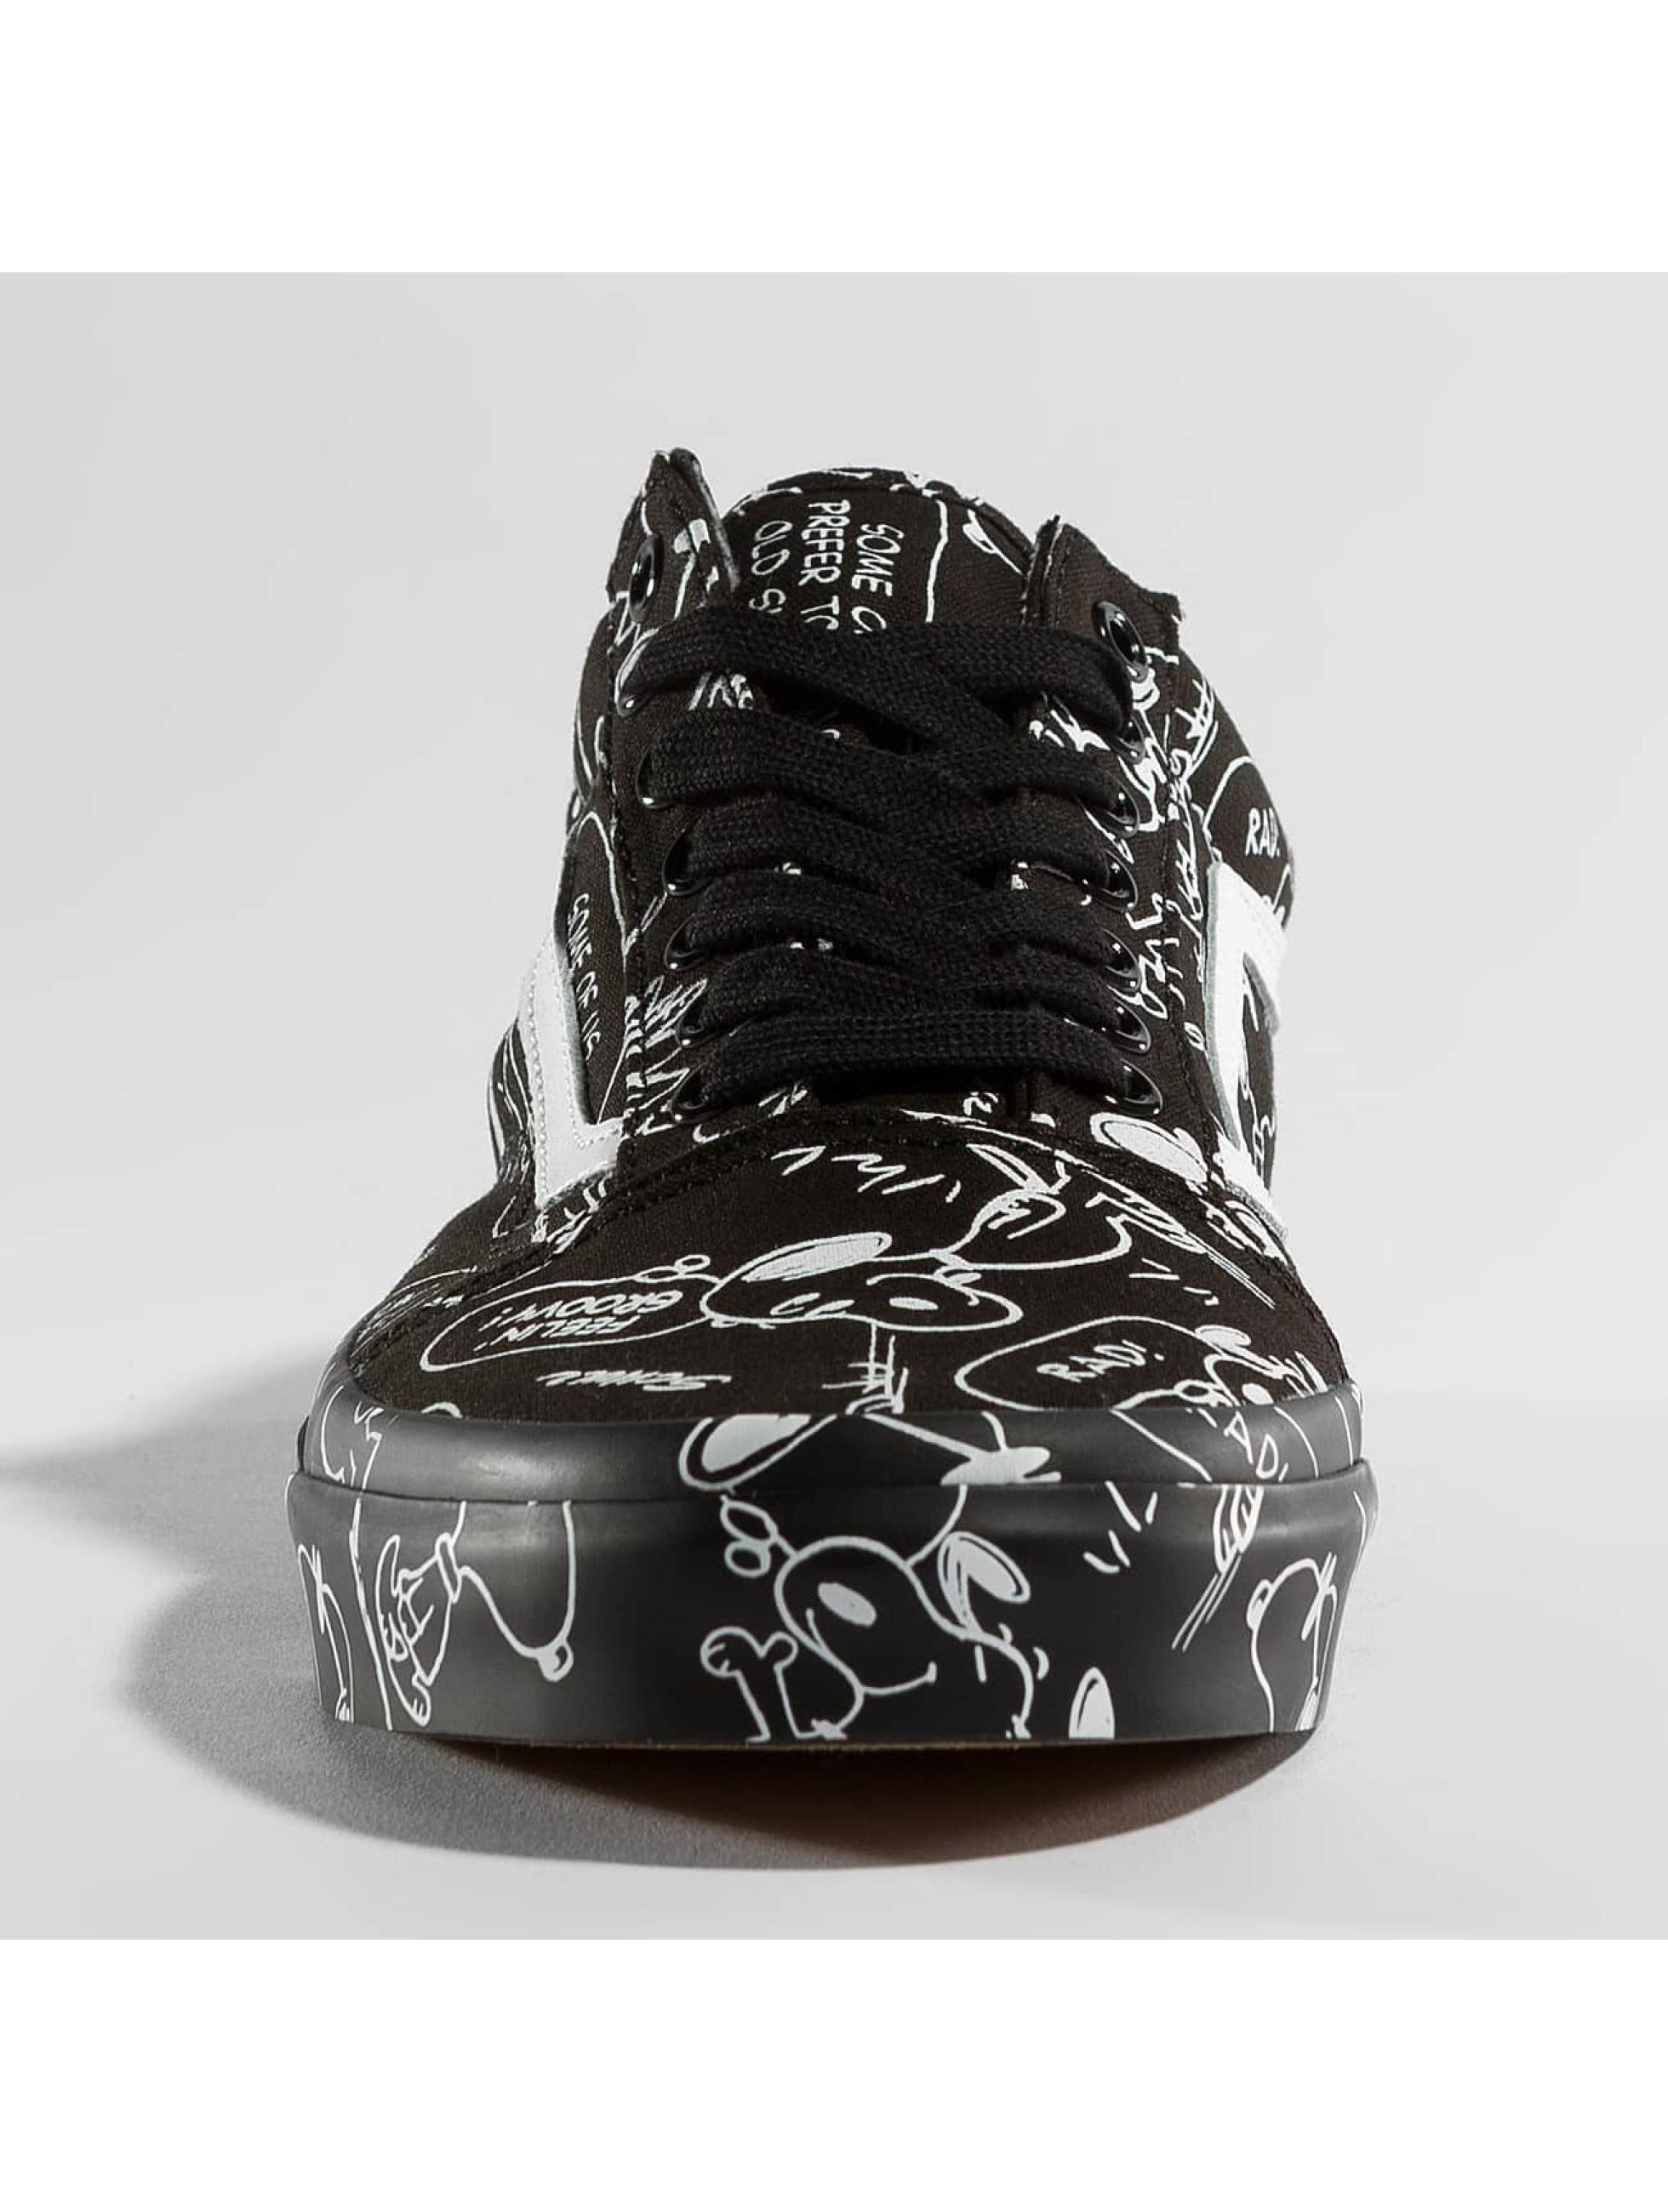 Vans Sneakers Peanuts Old School black